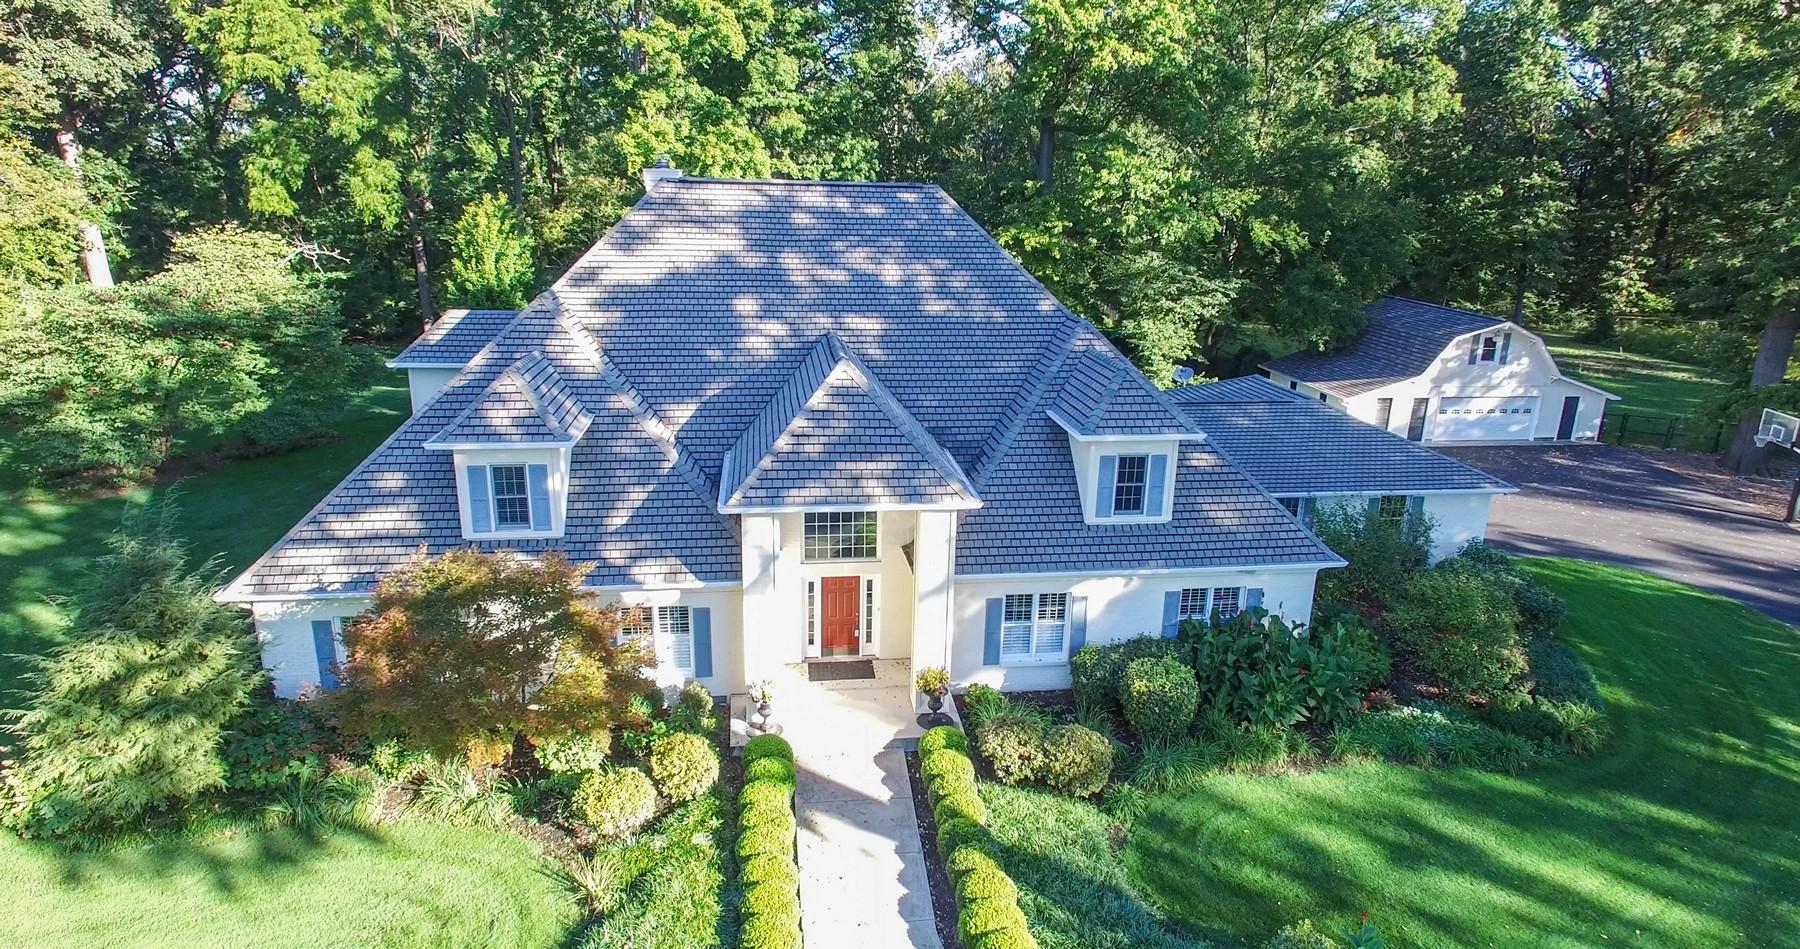 一戸建て のために 売買 アット 4.24 Scenic Acres & Home 3548 W. 126th Street Carmel, インディアナ, 46032 アメリカ合衆国